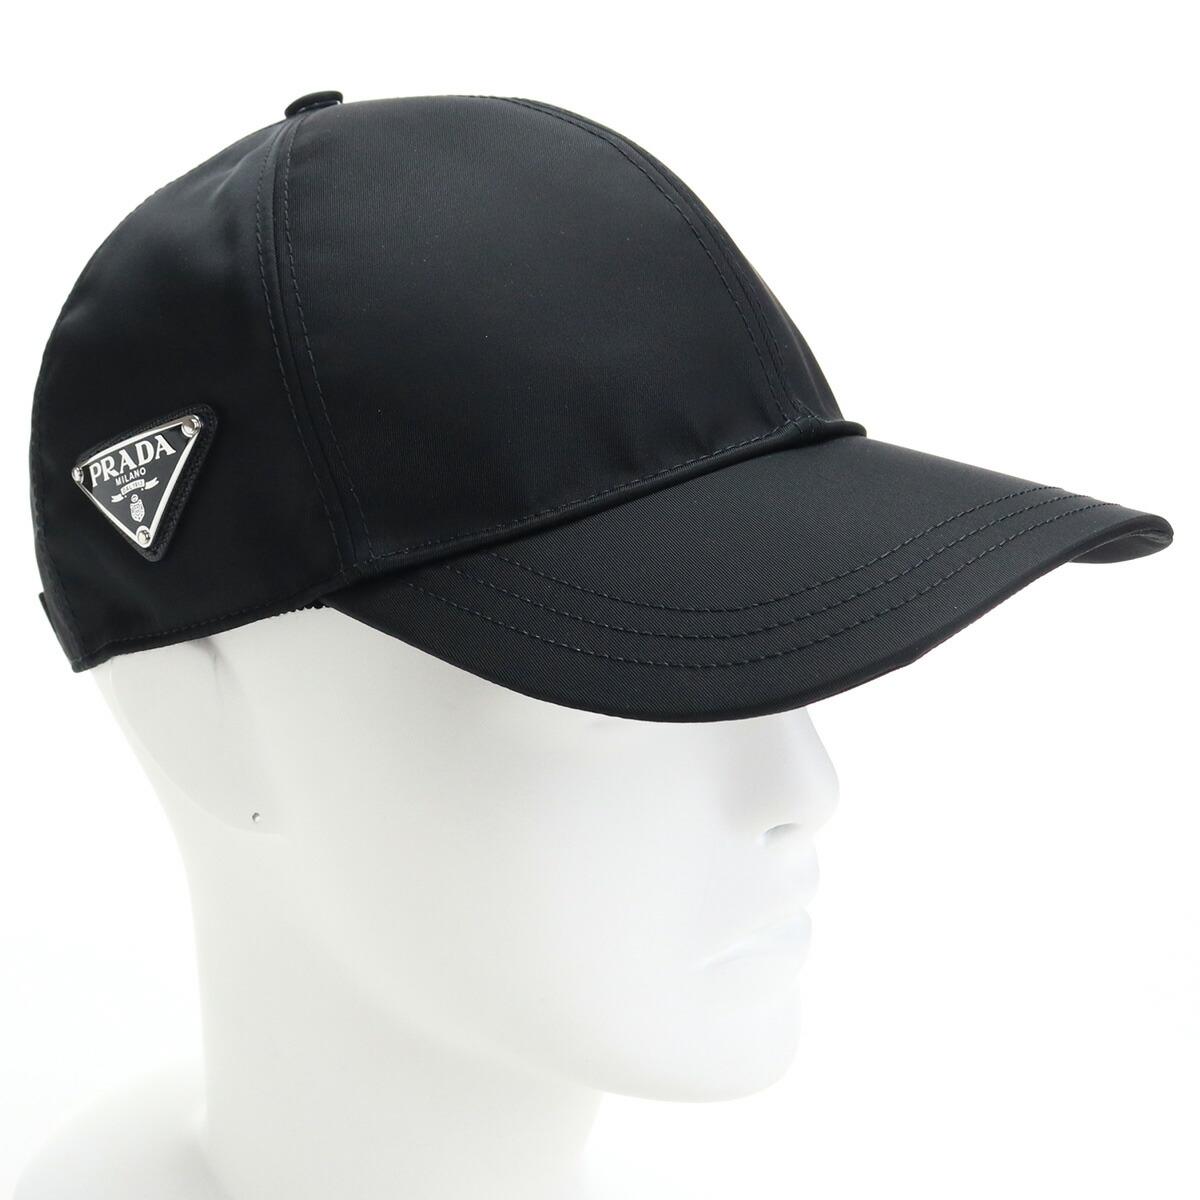 プラダ PRADA  ユニセックス-帽子類 ブランドキャップ ブランドロゴ 1HC274 2DMI F0002 ブラック cap-01